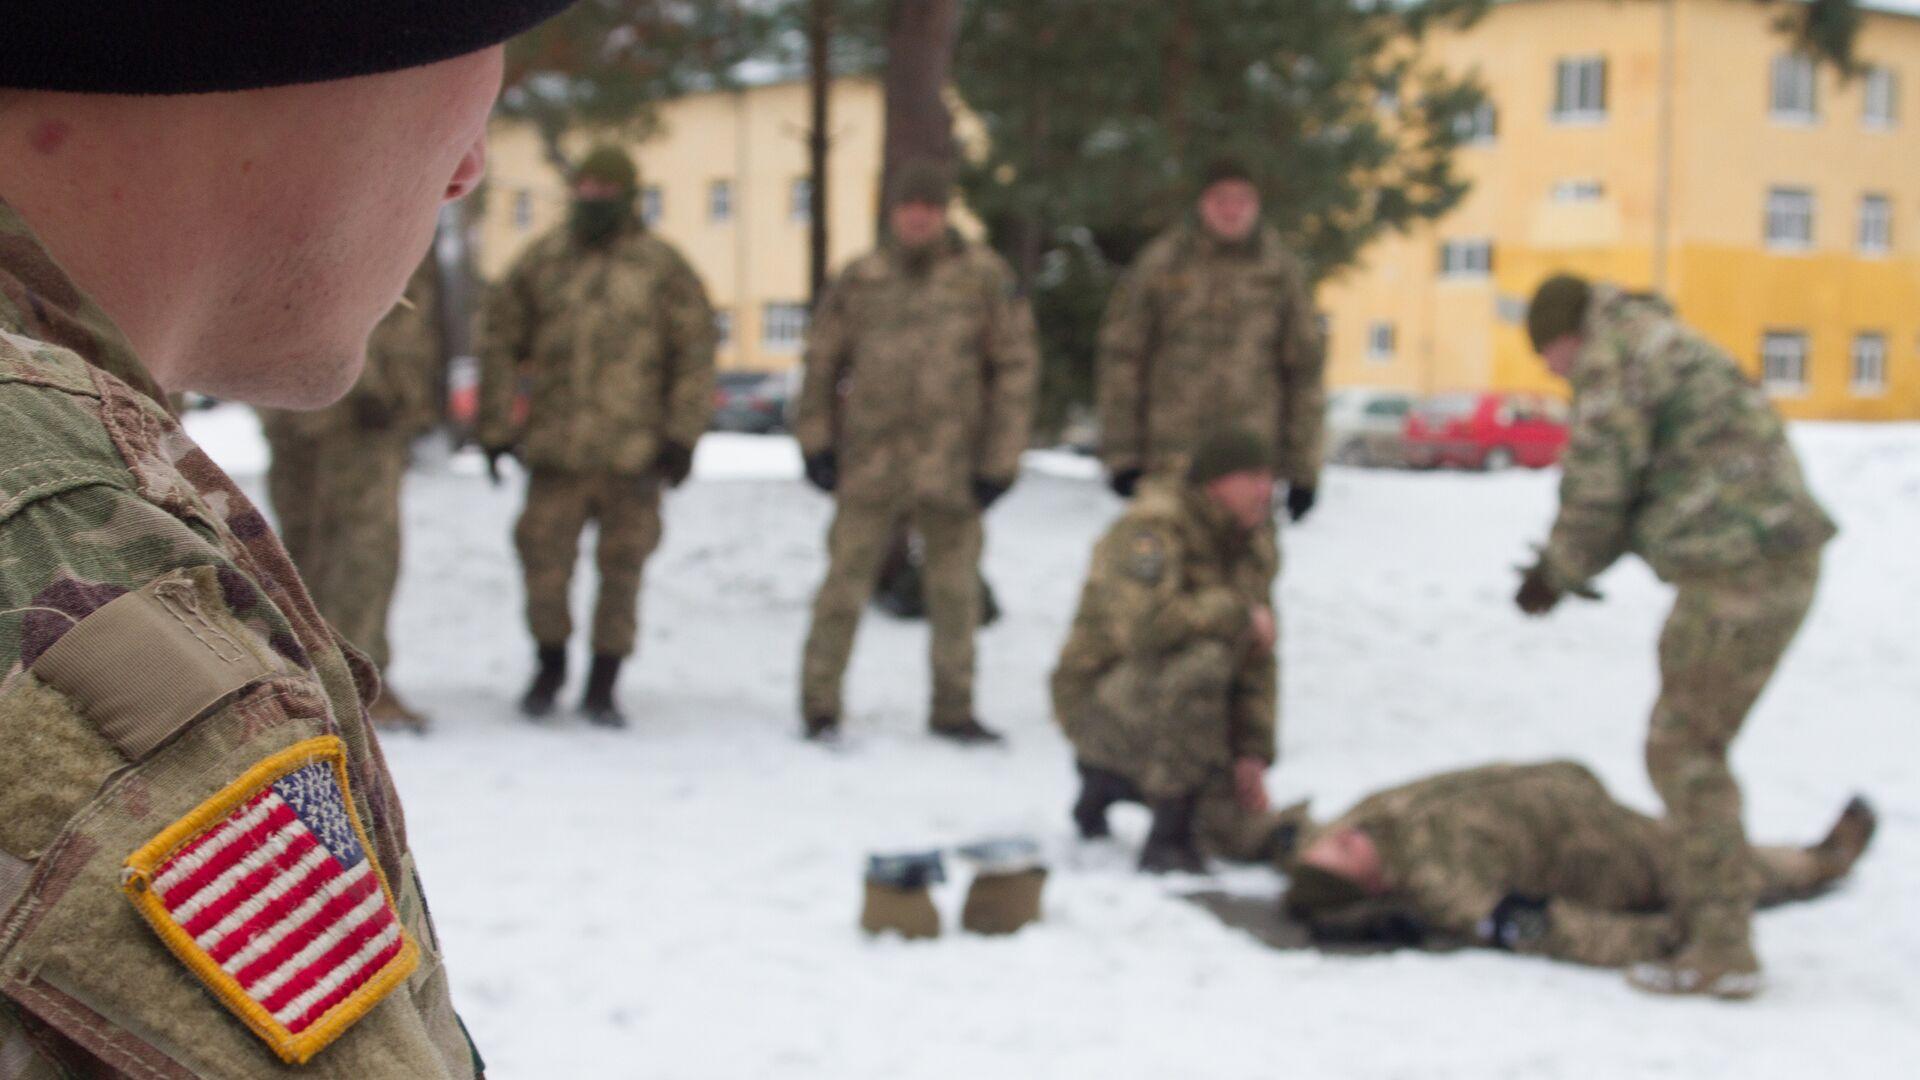 Американский военный наблюдает за тренировкой солдат ВСУ на Яворовском полигоне во Львовской области - РИА Новости, 1920, 07.09.2021